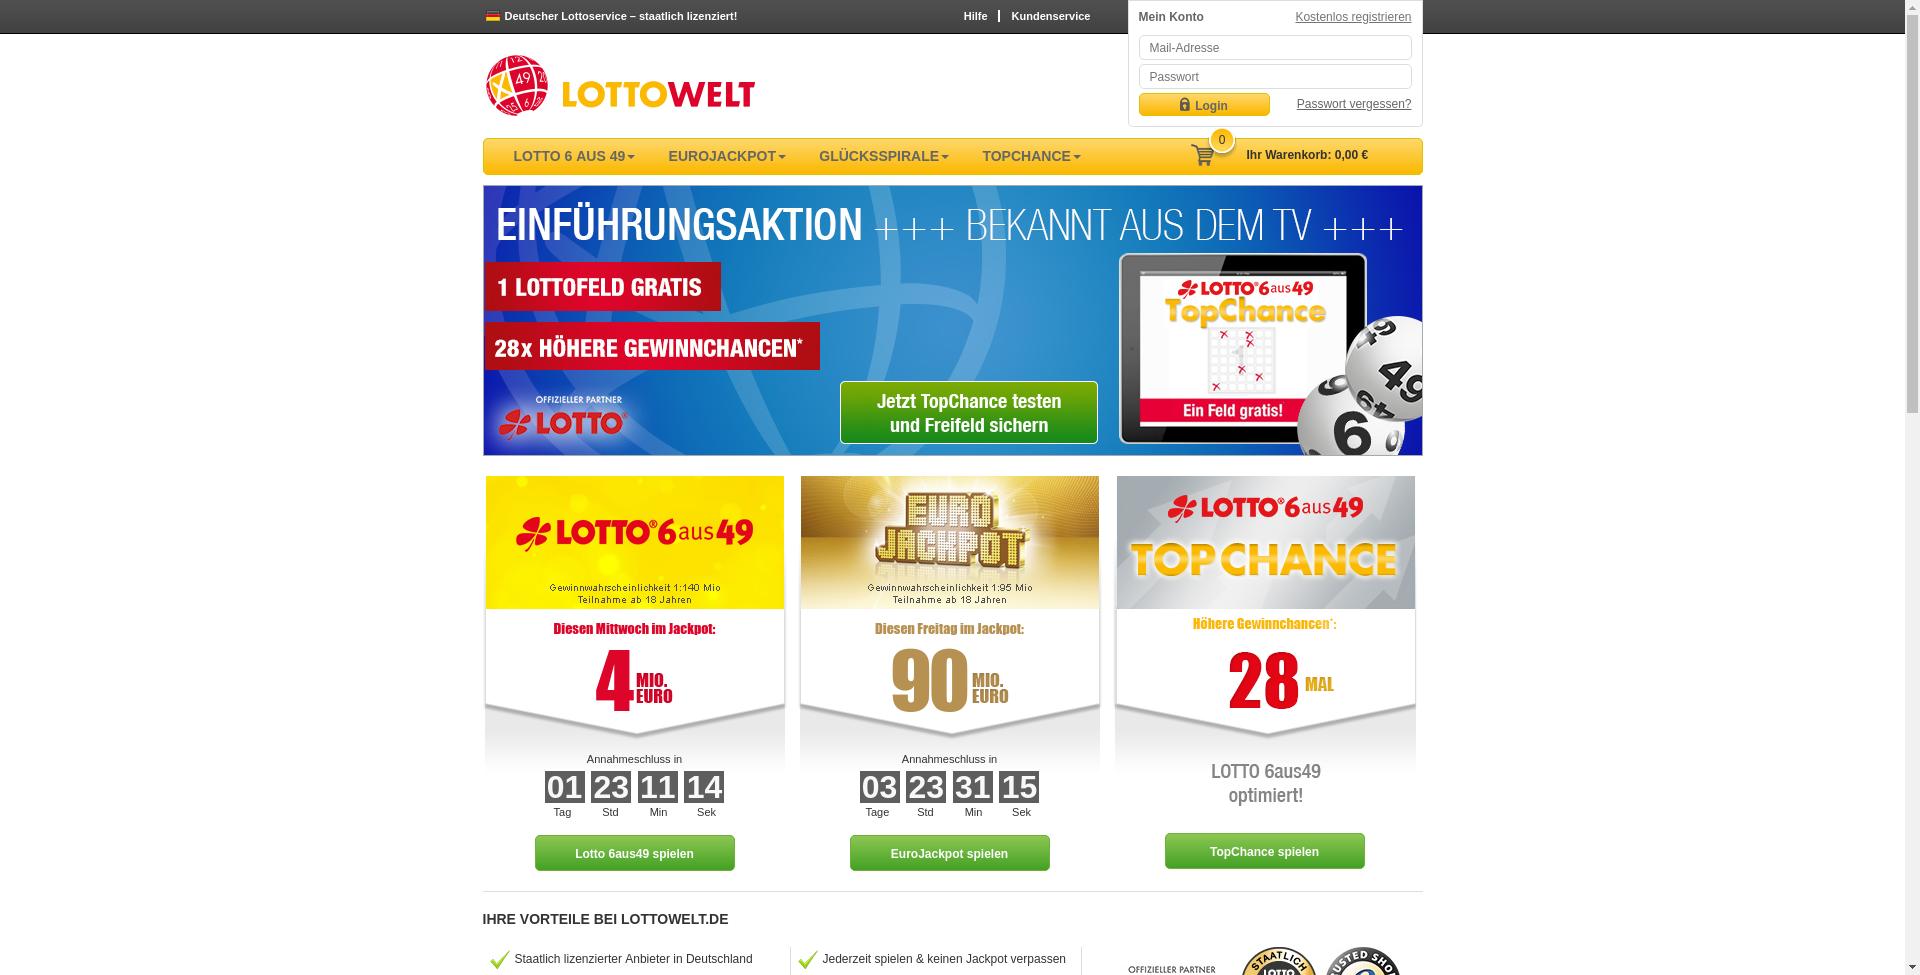 Lottowelt